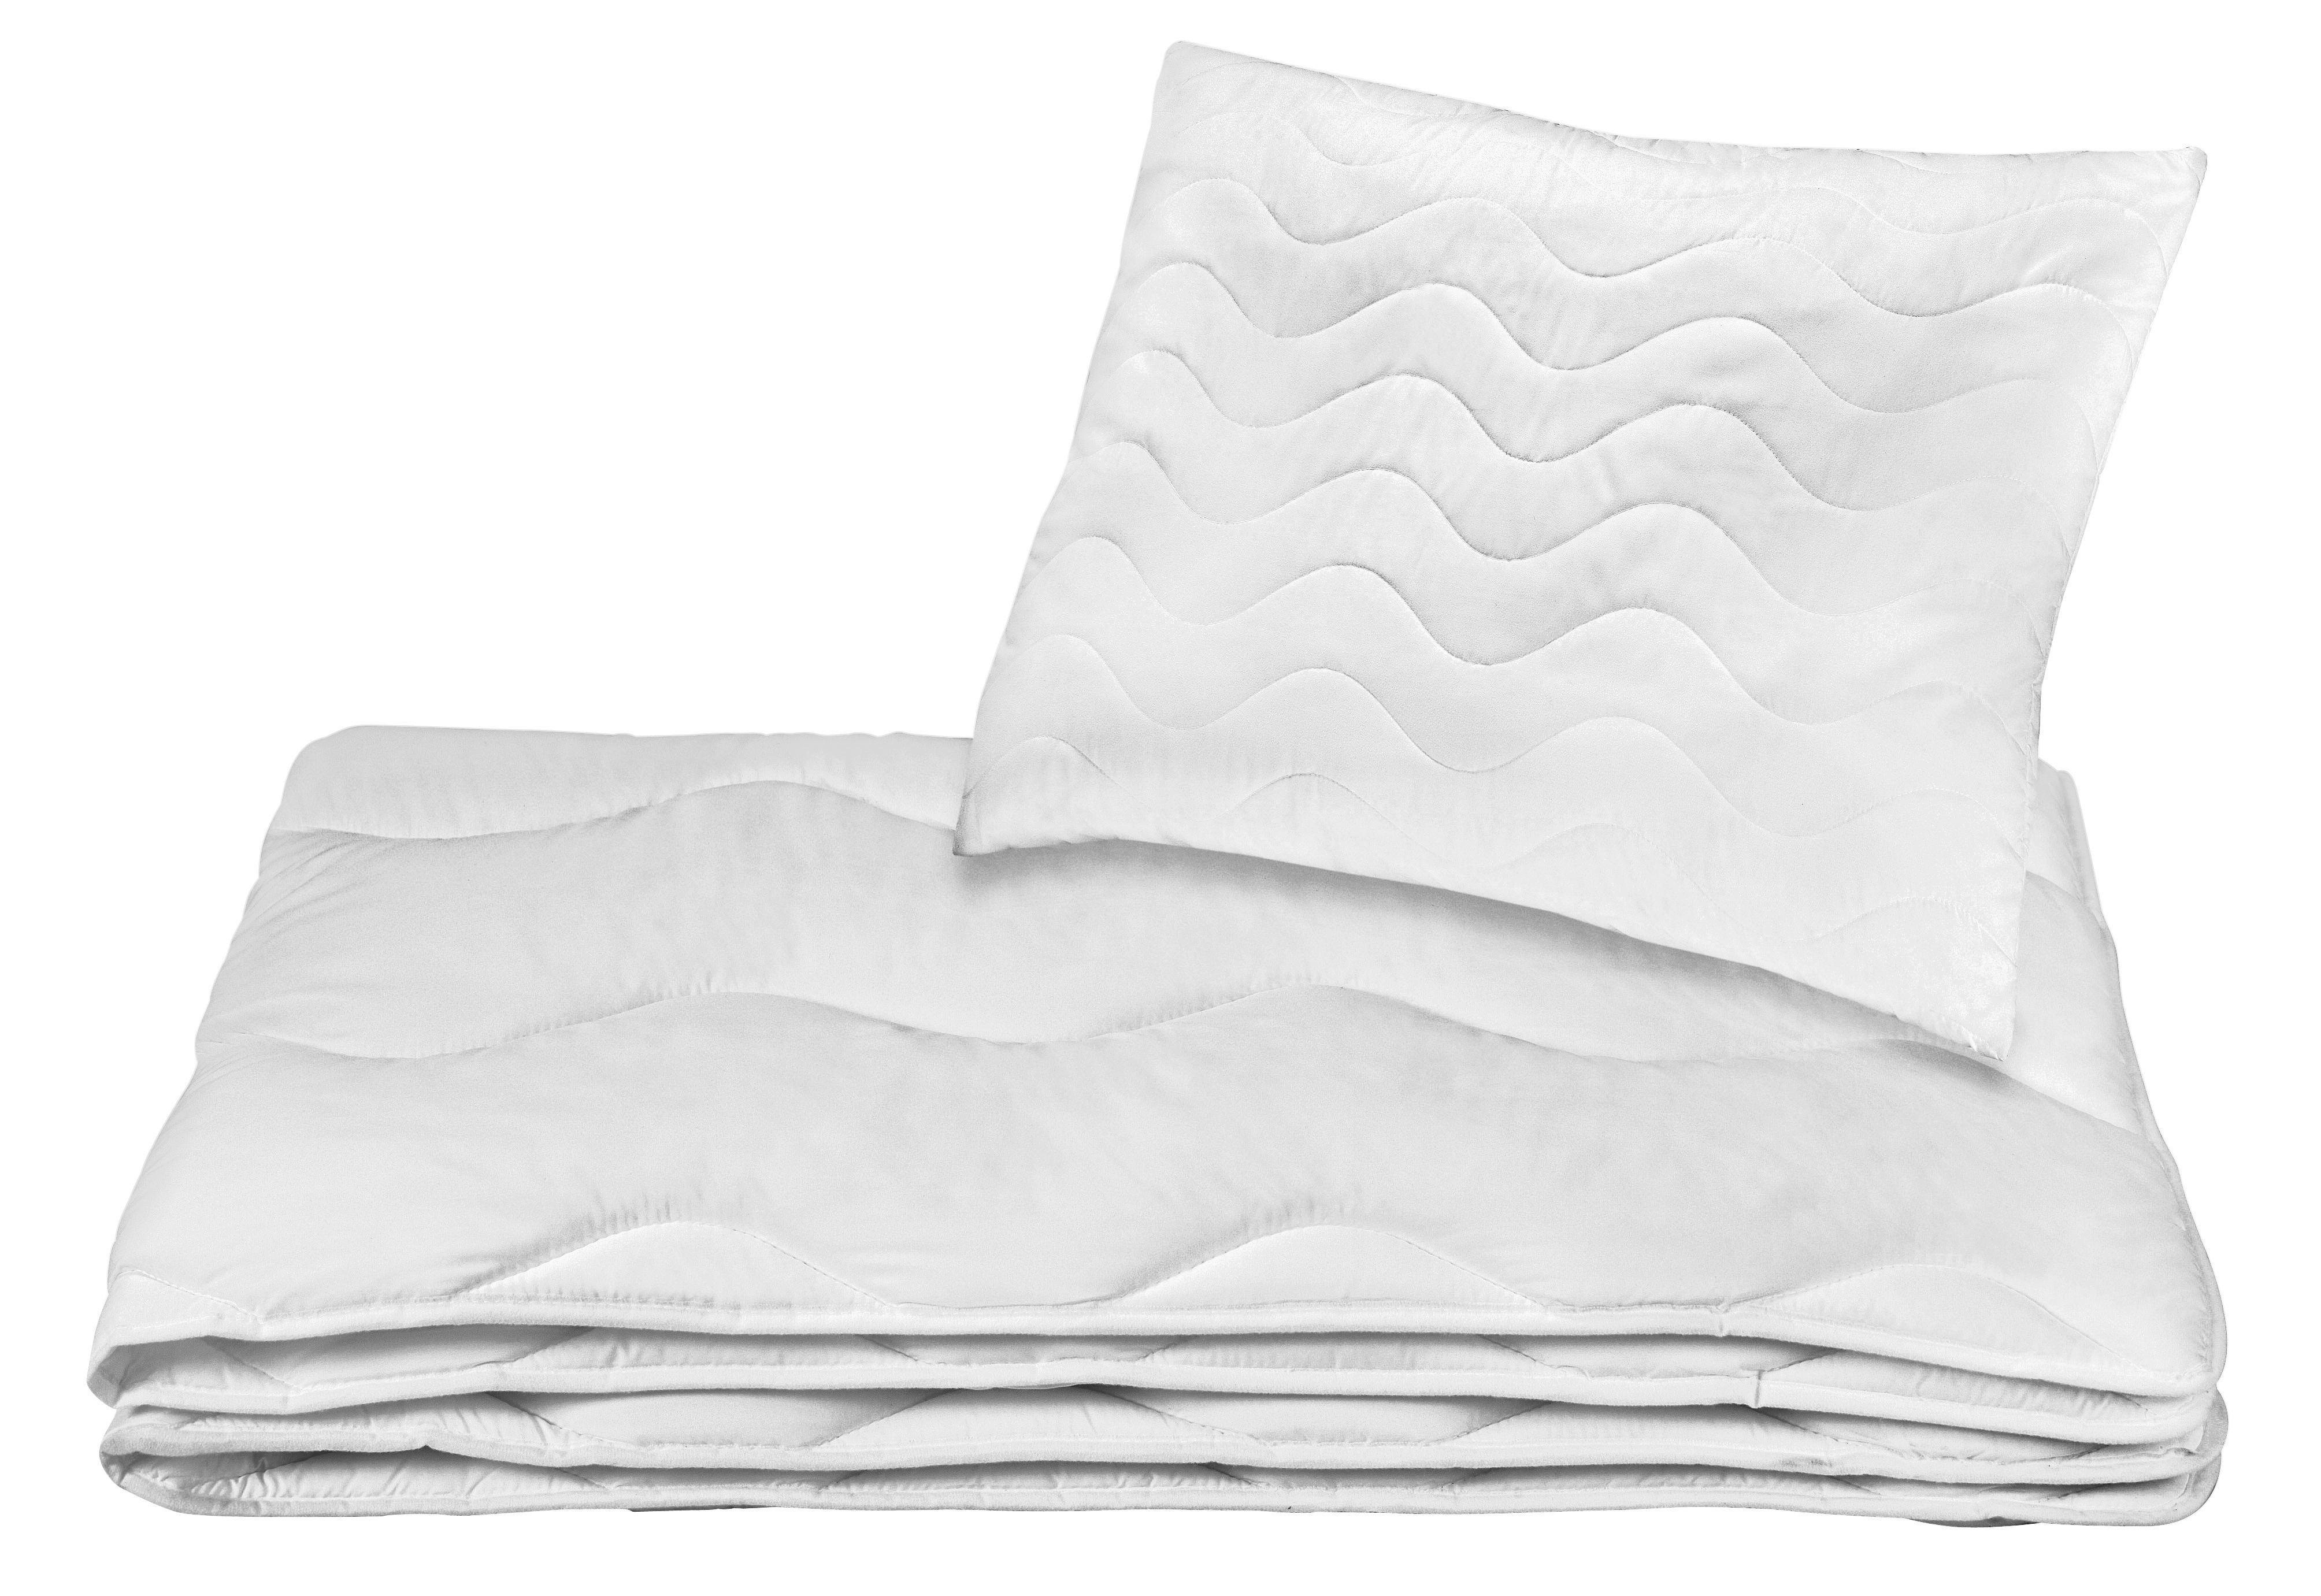 Bettenset Olga - Weiß, KONVENTIONELL, Textil - PRIMATEX